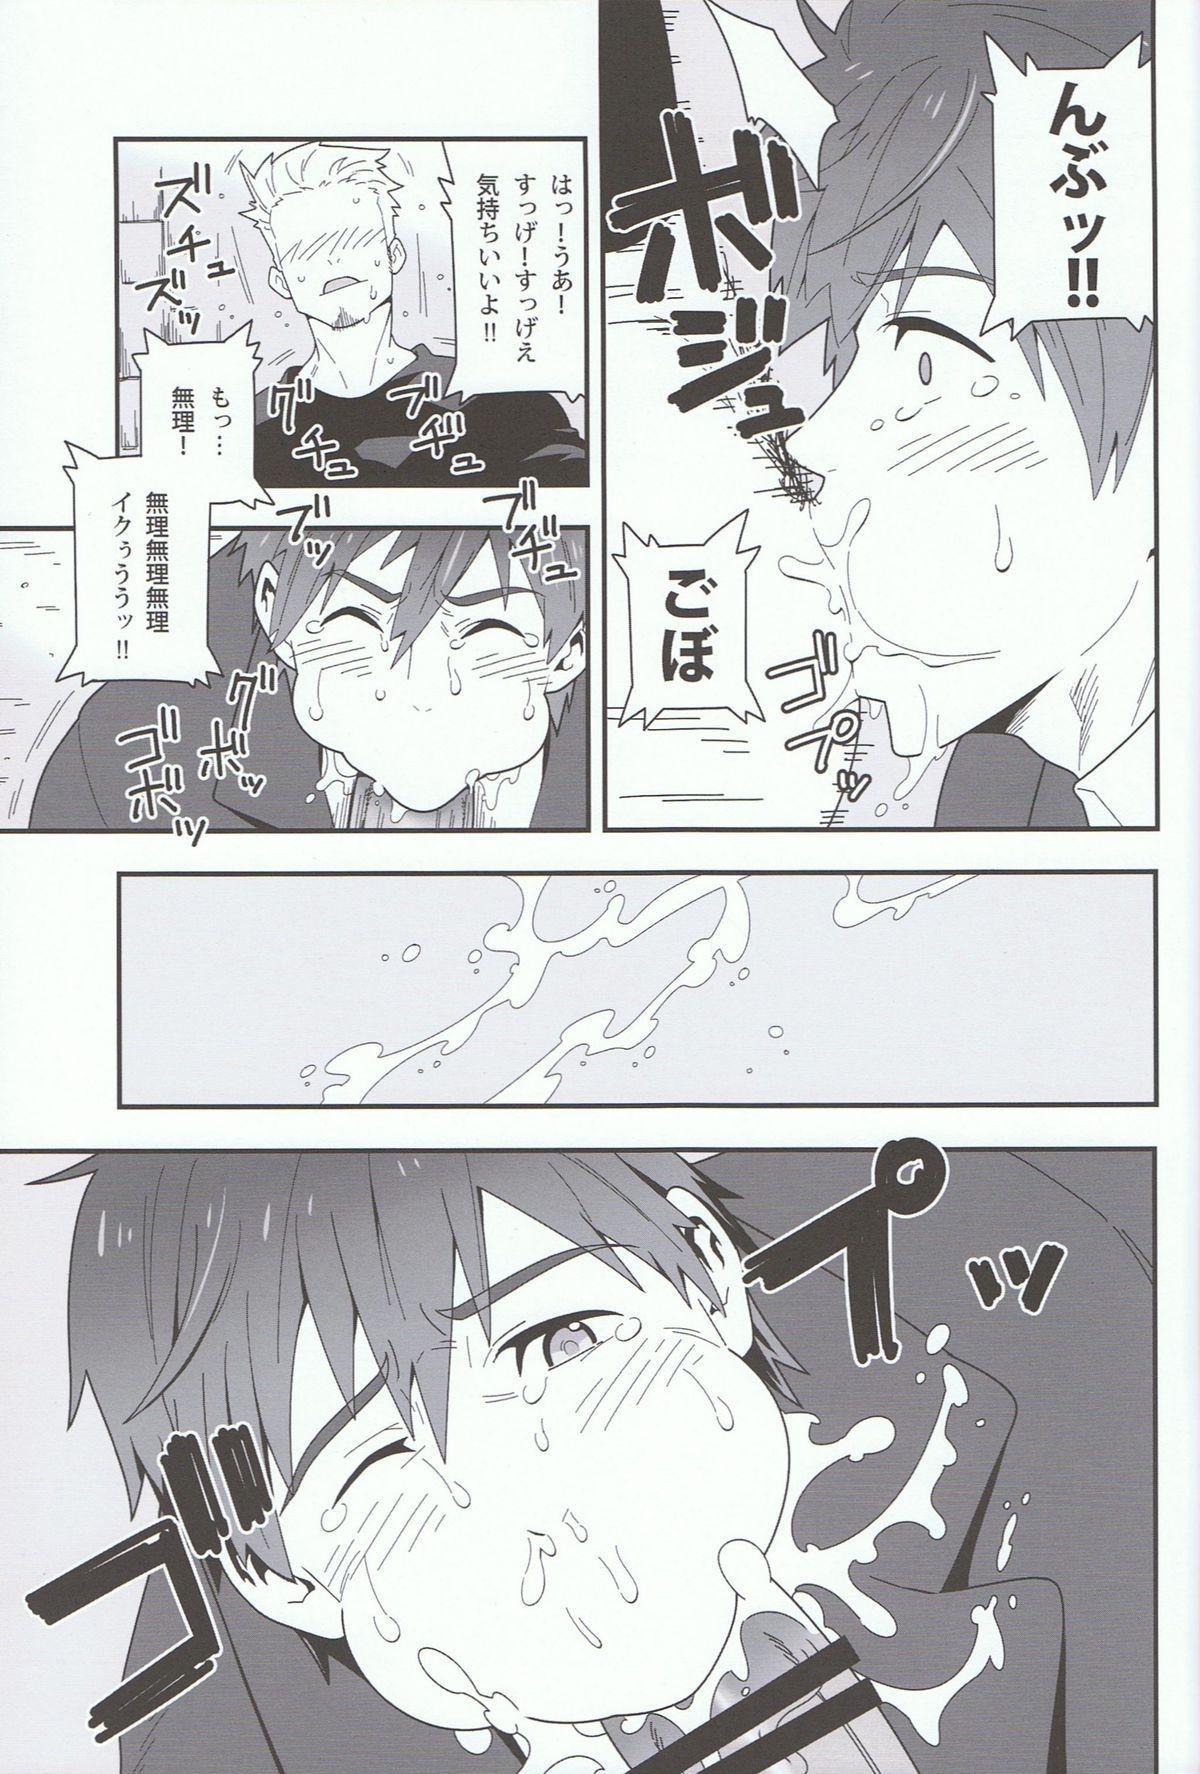 Mizu no Soko ni Yodomu 5